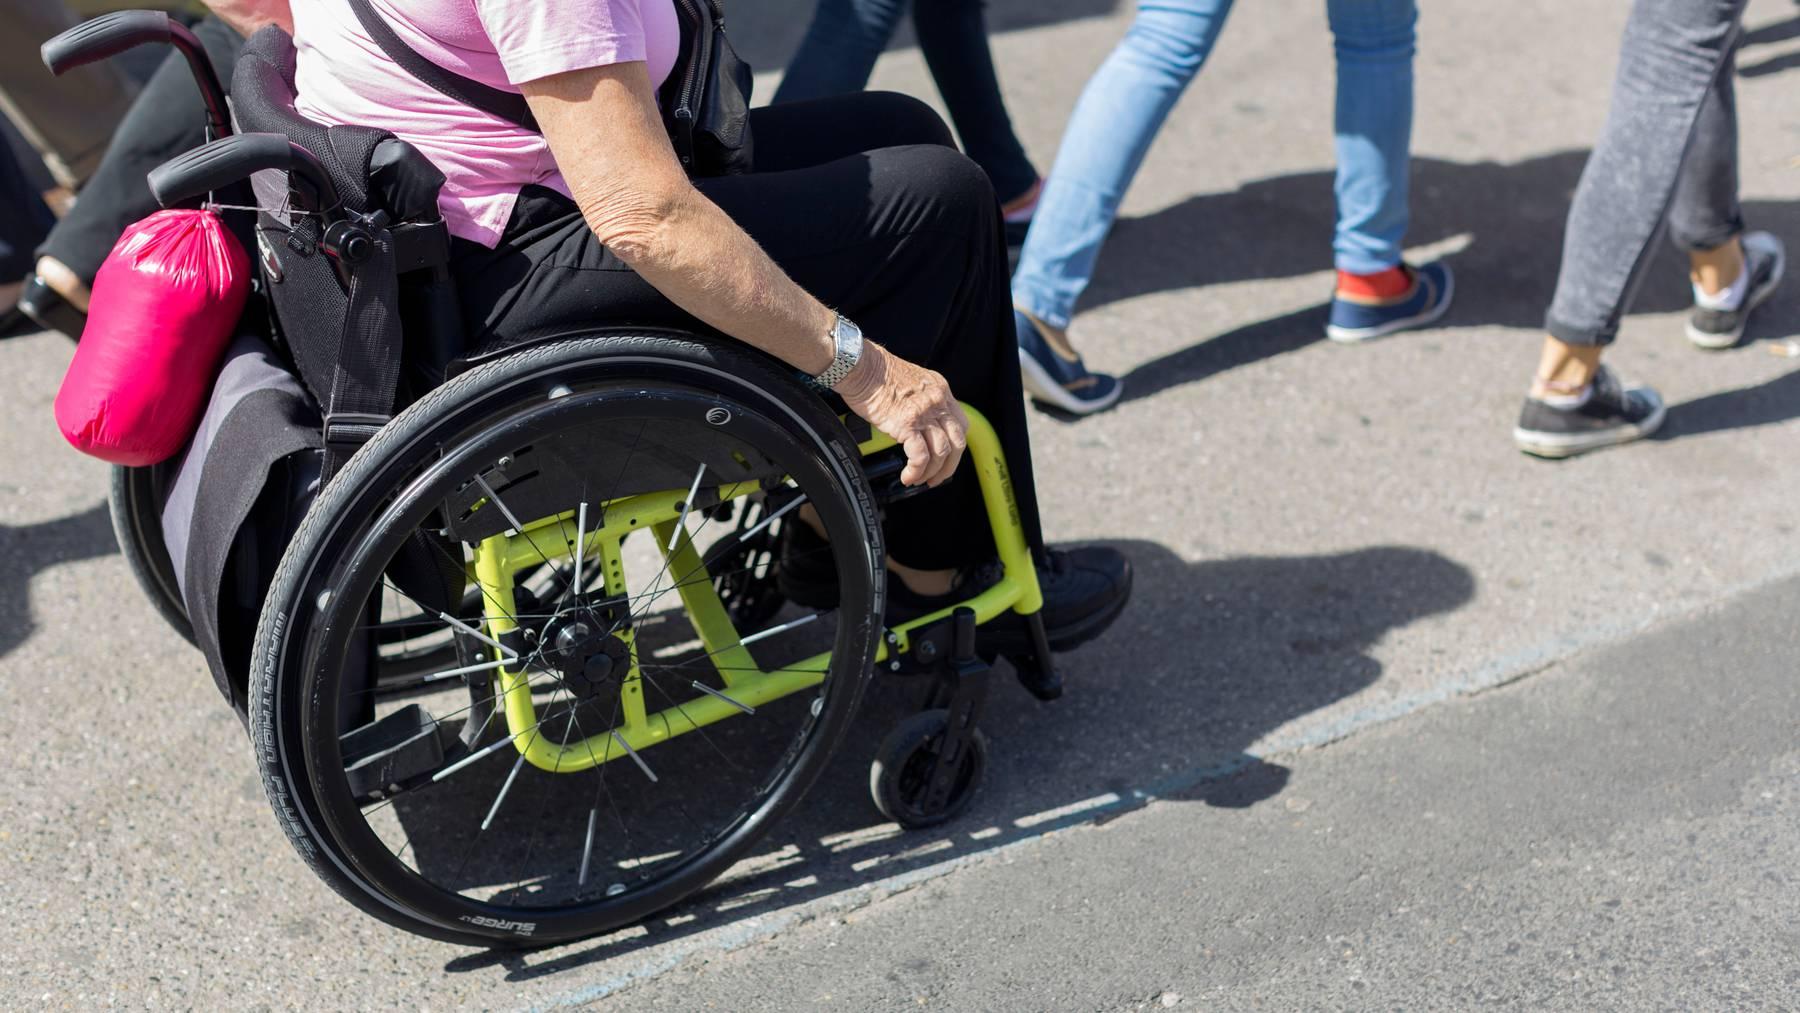 Bei IV-Gutachten werden Versicherte zum Teil beleidigt und müssten sich rechtfertigen, kririsiert Inclusion Handicap. (Symbolbild)